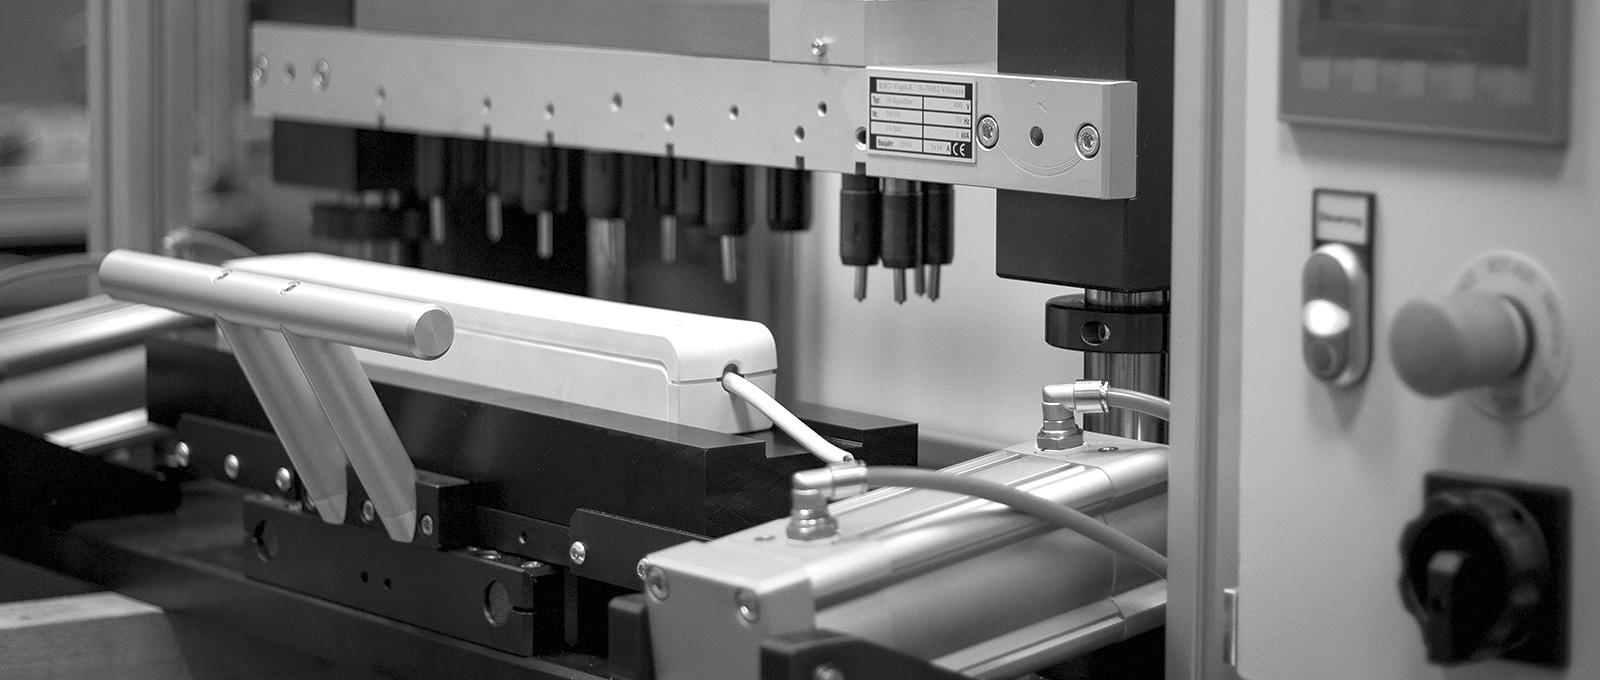 Mehrspindelnietmaschine - Niettechnik & Fördertechnik Hersteller SCHULER Technology